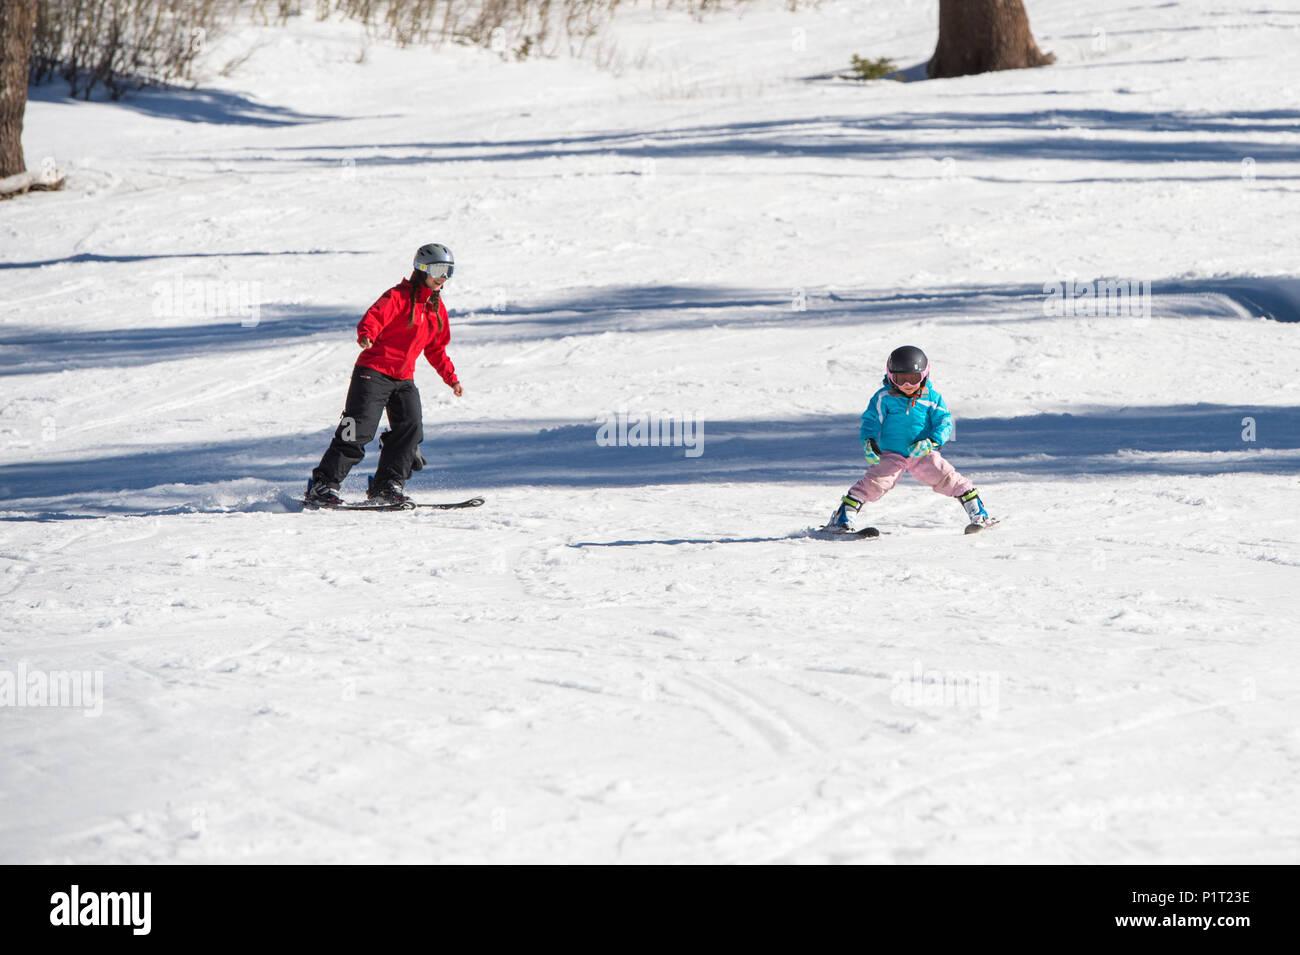 Mutter Unterrichten junger Tochter wie Ski in Squaw Valley Ski Resort in Kalifornien, in Nordamerika. Stockbild